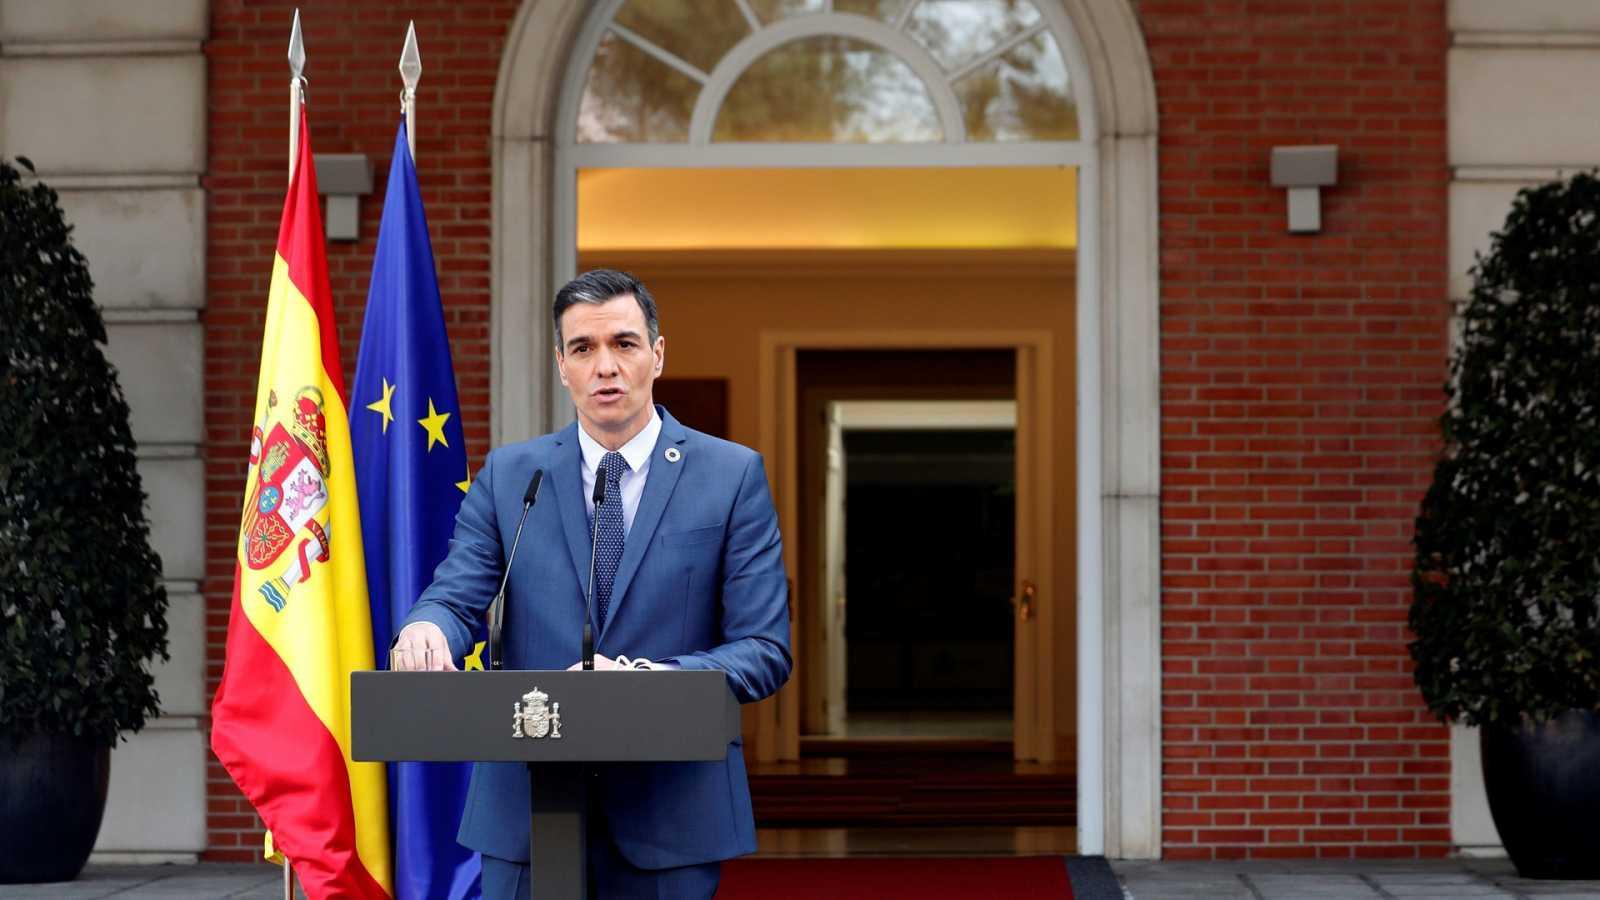 14 horas - Sánchez rechaza las 'conductas incívicas' del rey emérito y no da por rotas las negociaciones sobre el CGPJ - Escuchar ahora